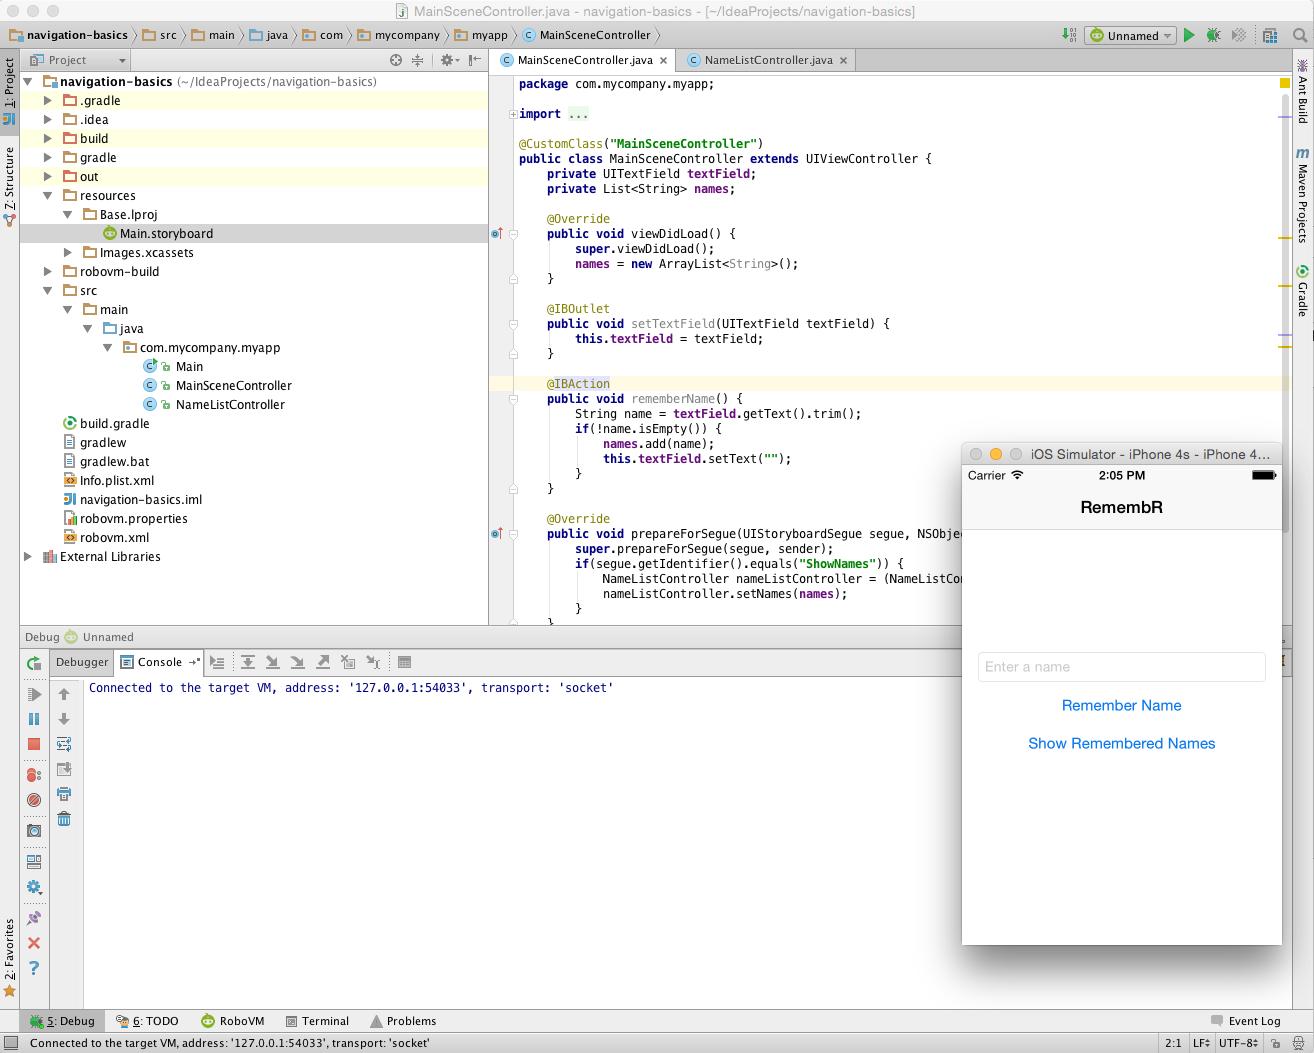 RoboVM Intellij IDEA Plugin - Plugins | JetBrains